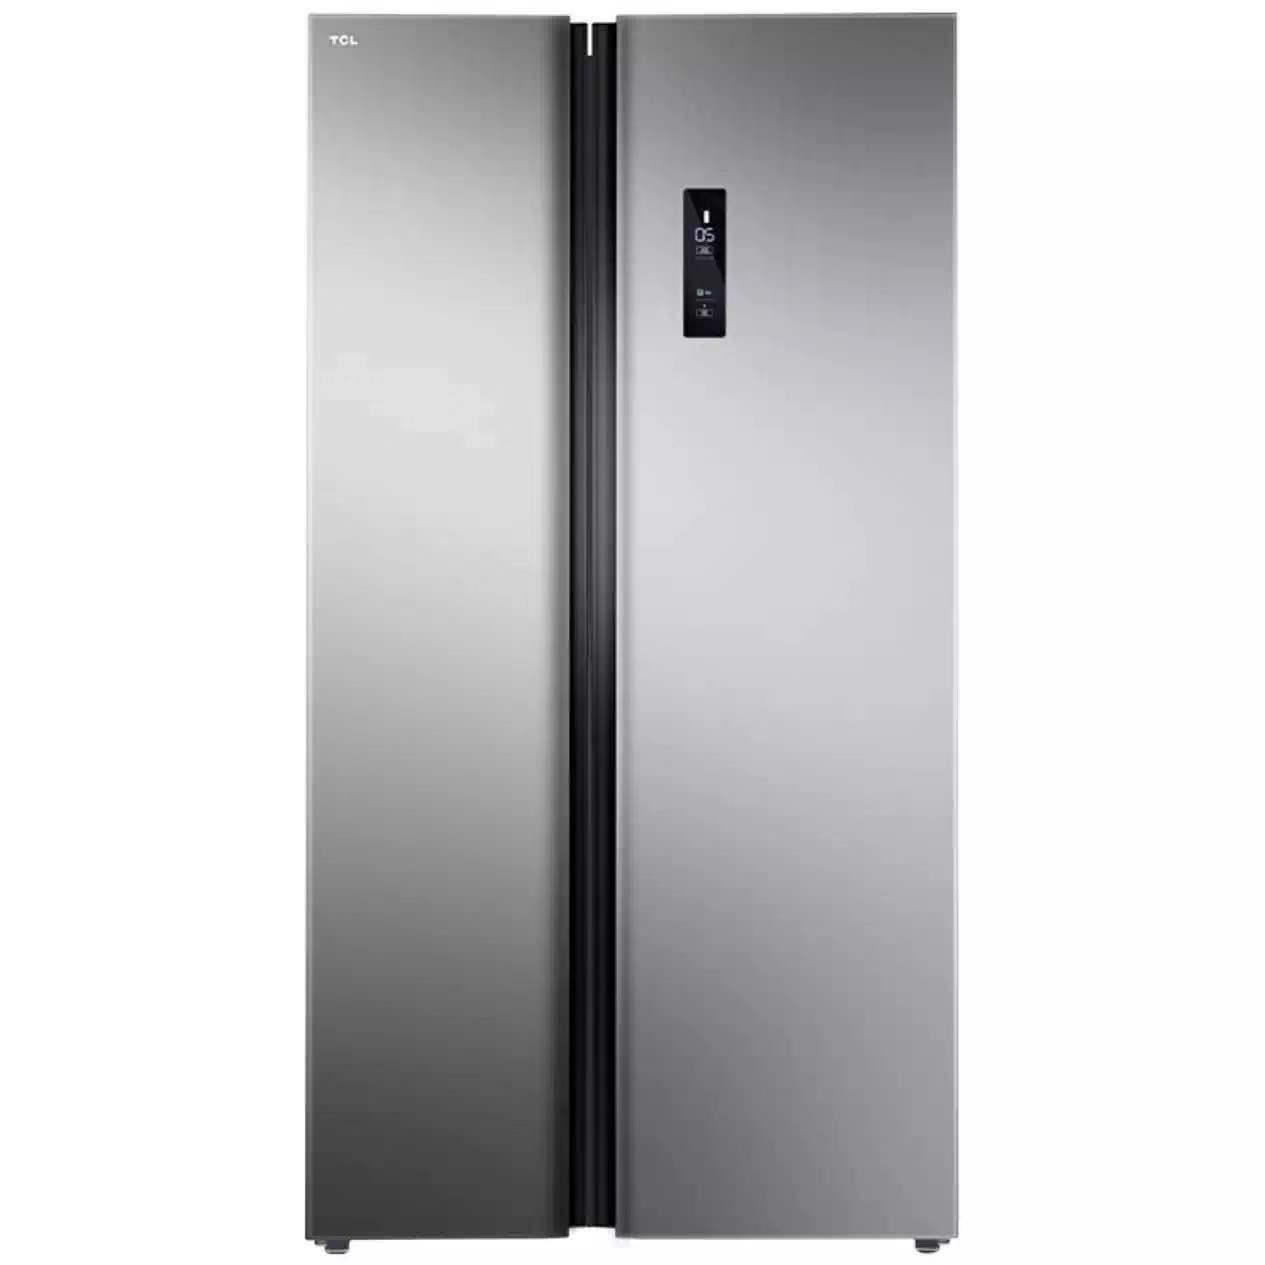 【TCL】 521升 纤薄对开 变频节能 风冷无霜 双门对开门电冰箱星辰银BCD-521CWP